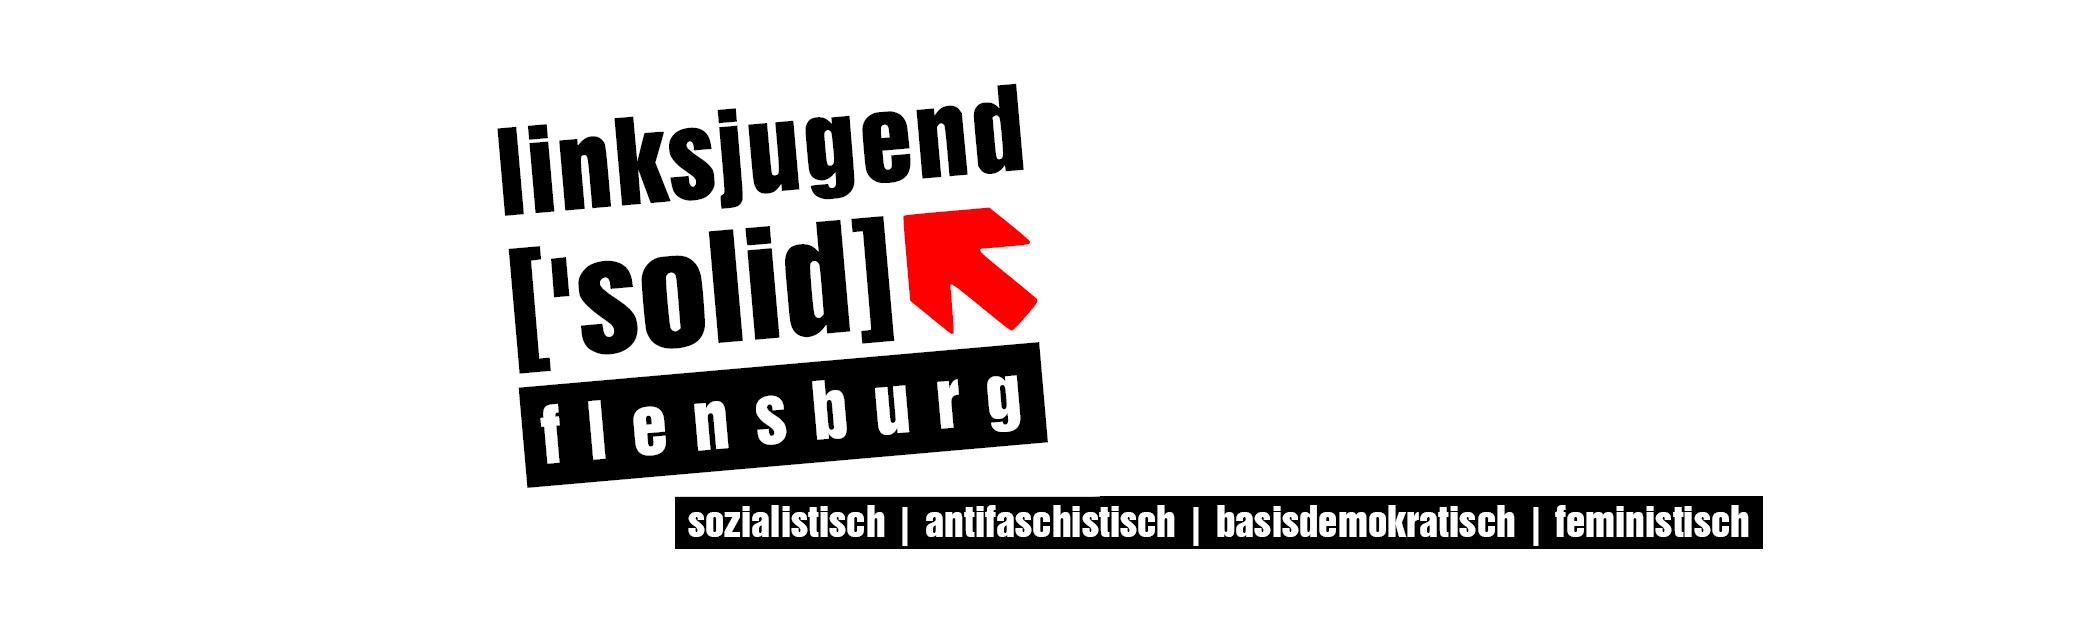 linksjugend['solid] Flensburg